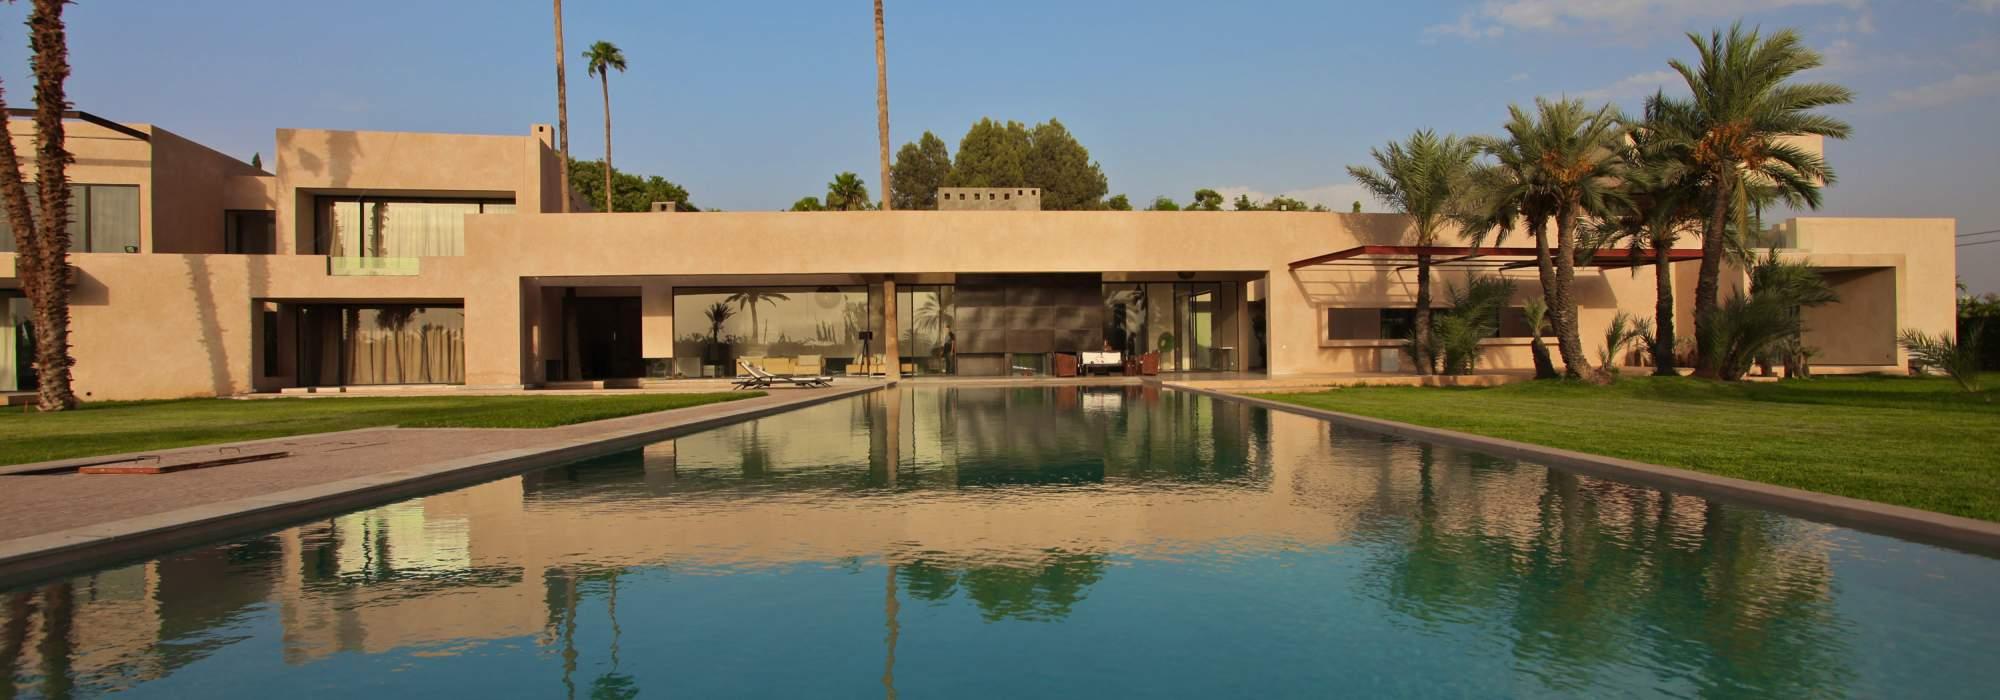 vente villa contemporaine marrakech palmeraie